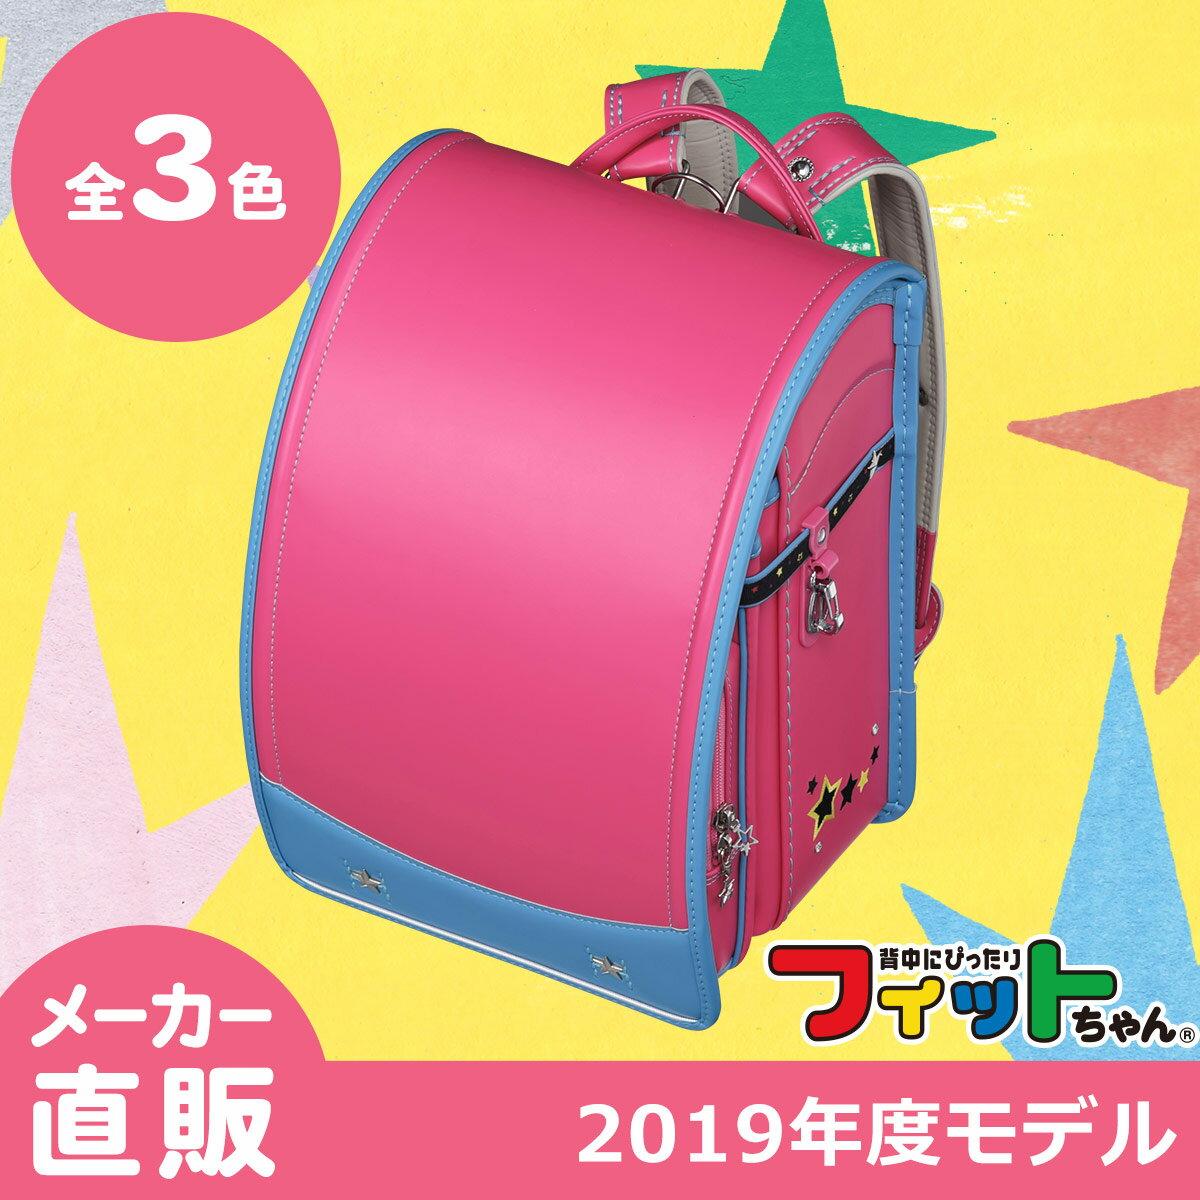 フィットちゃん ランドセル ポップガール(FIT-219)2019年モデル フィットちゃんランドセルA4クリアファイル収納サイズ